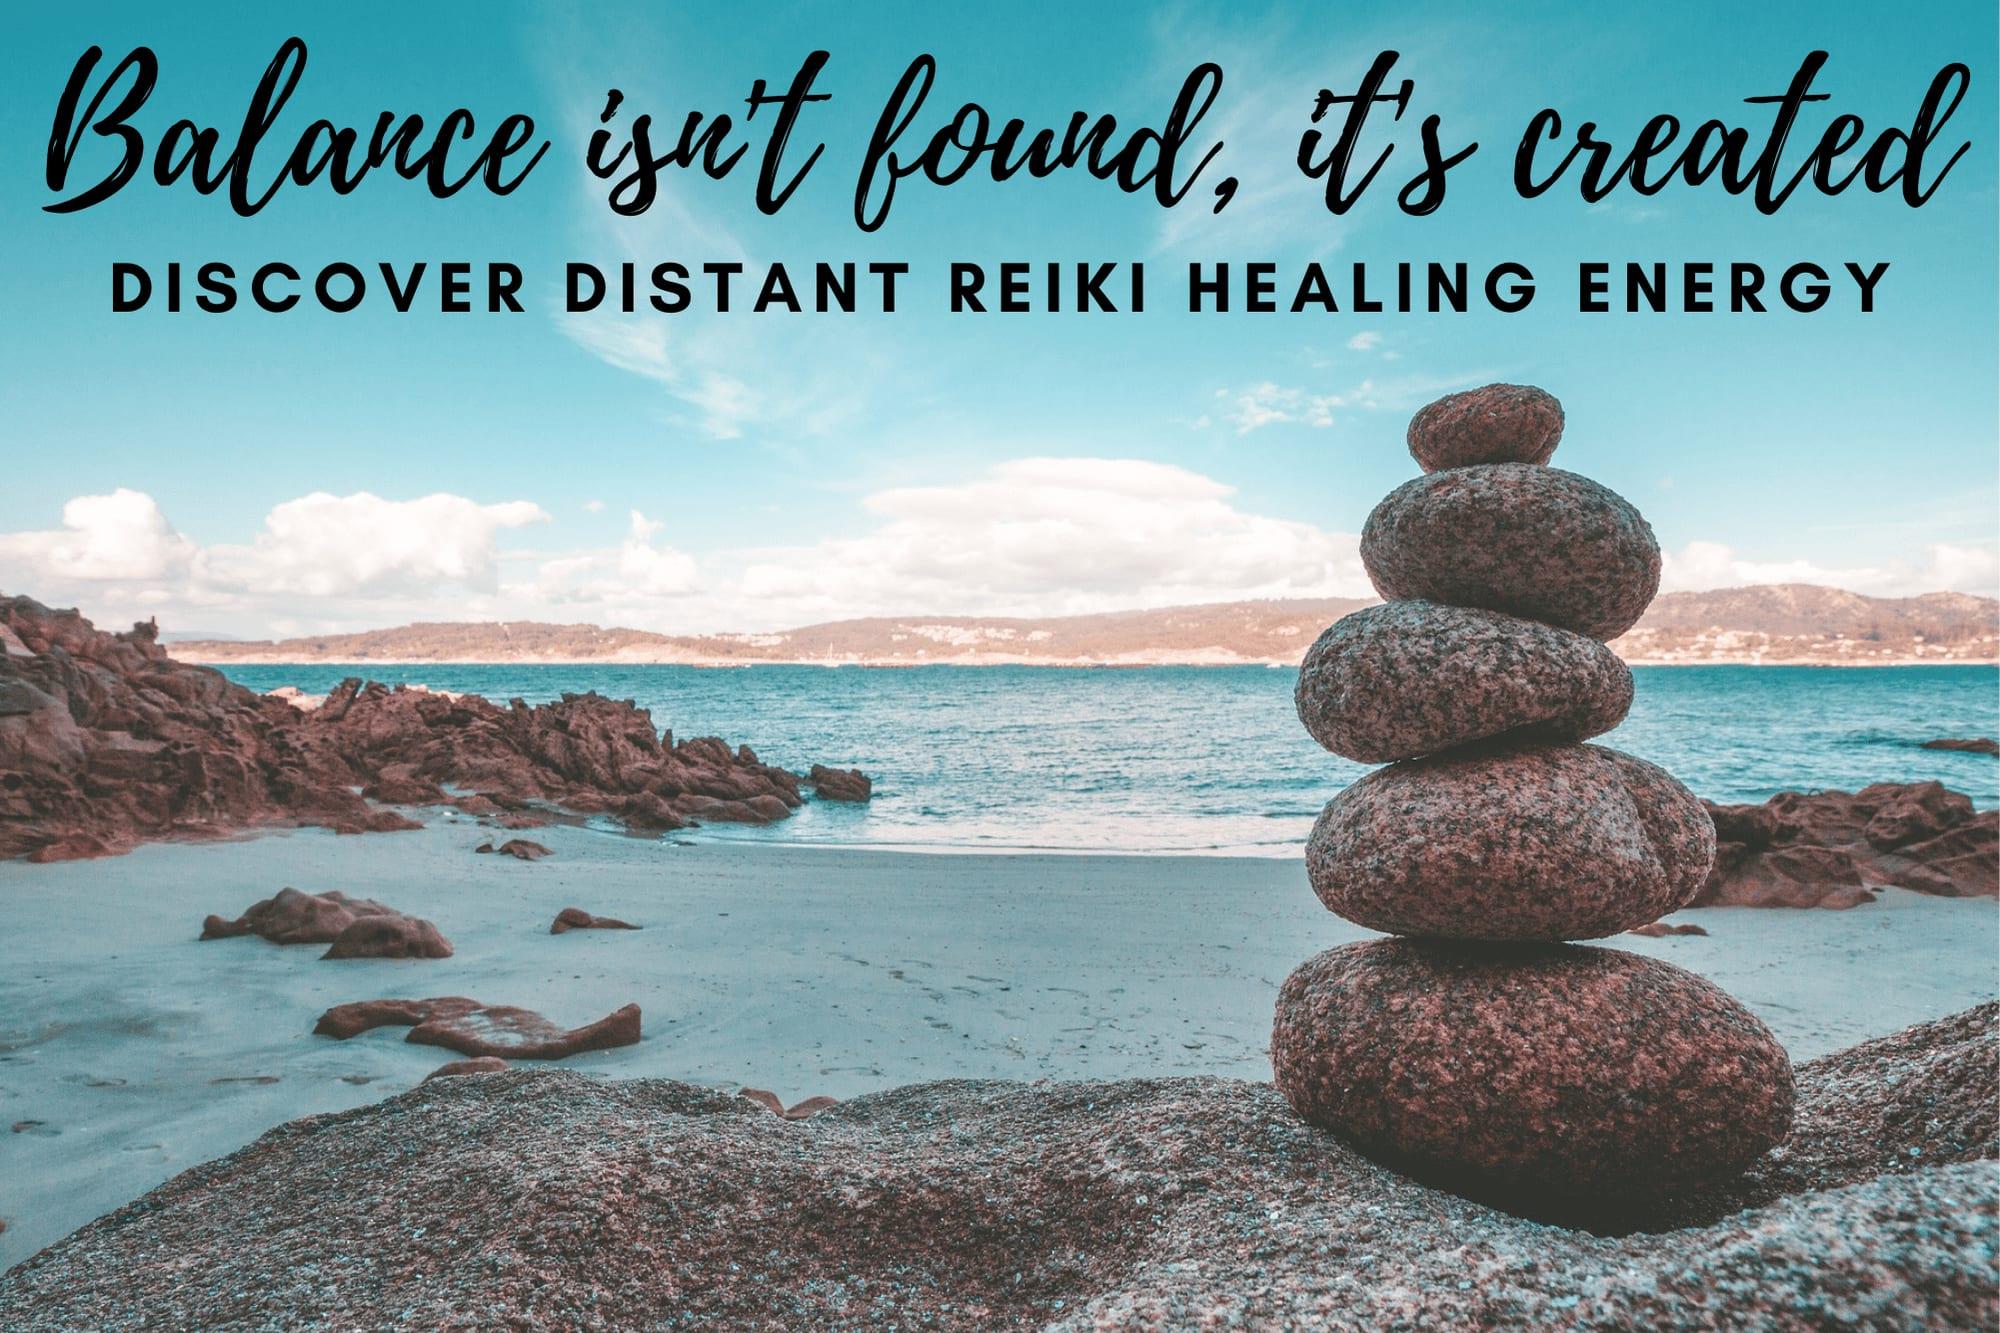 Portfolio for I will send you distance reiki healing